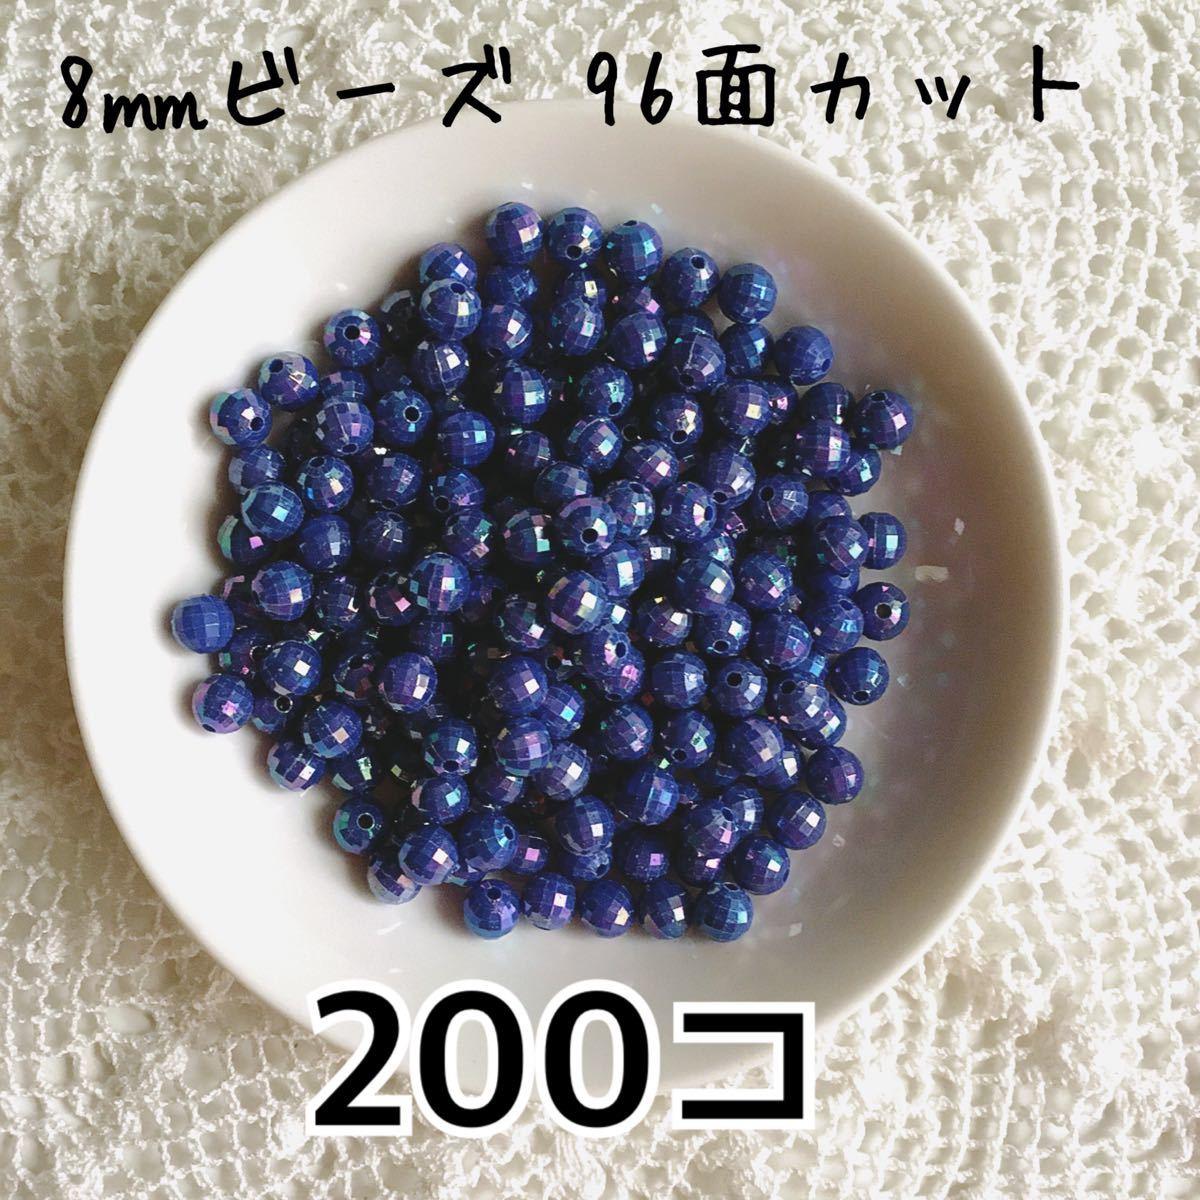 【ビーズパーツ】8mm丸ビーズ96面カット(ブルー)200コ